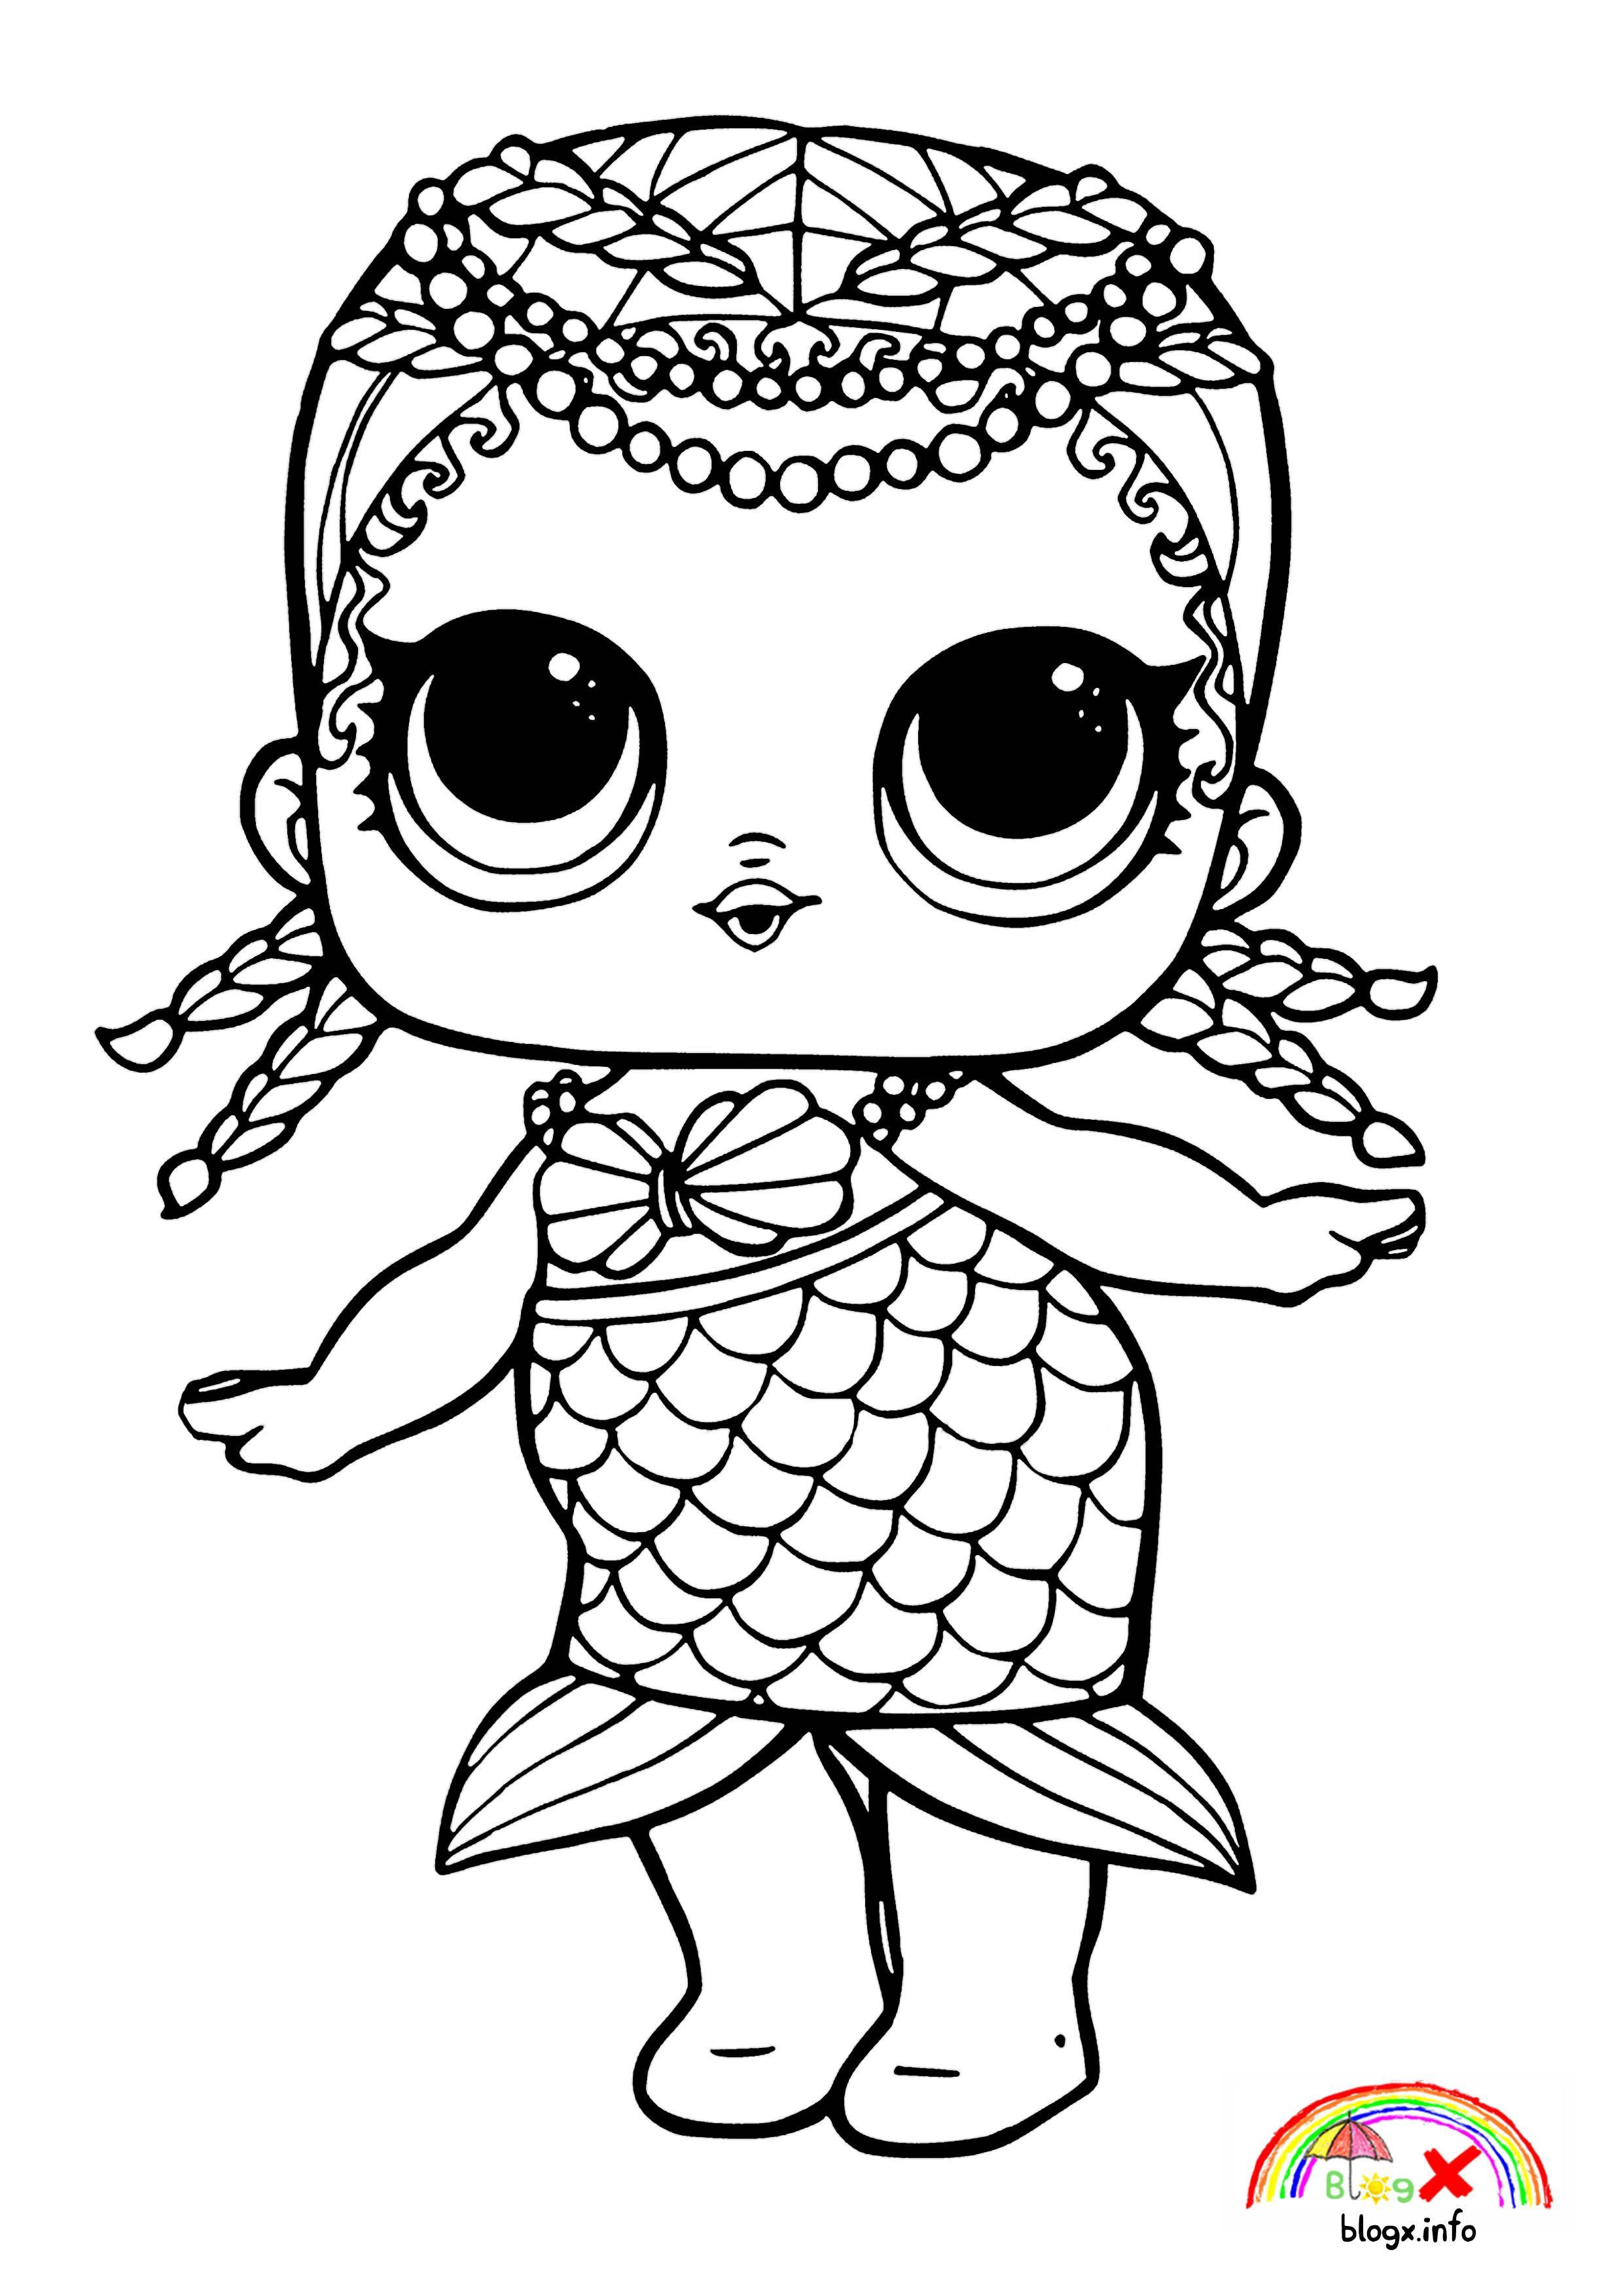 Lol Dolls Mermaid Series Coloring Page Mermaid Coloring Pages Unicorn Coloring Pages Cartoon Coloring Pages